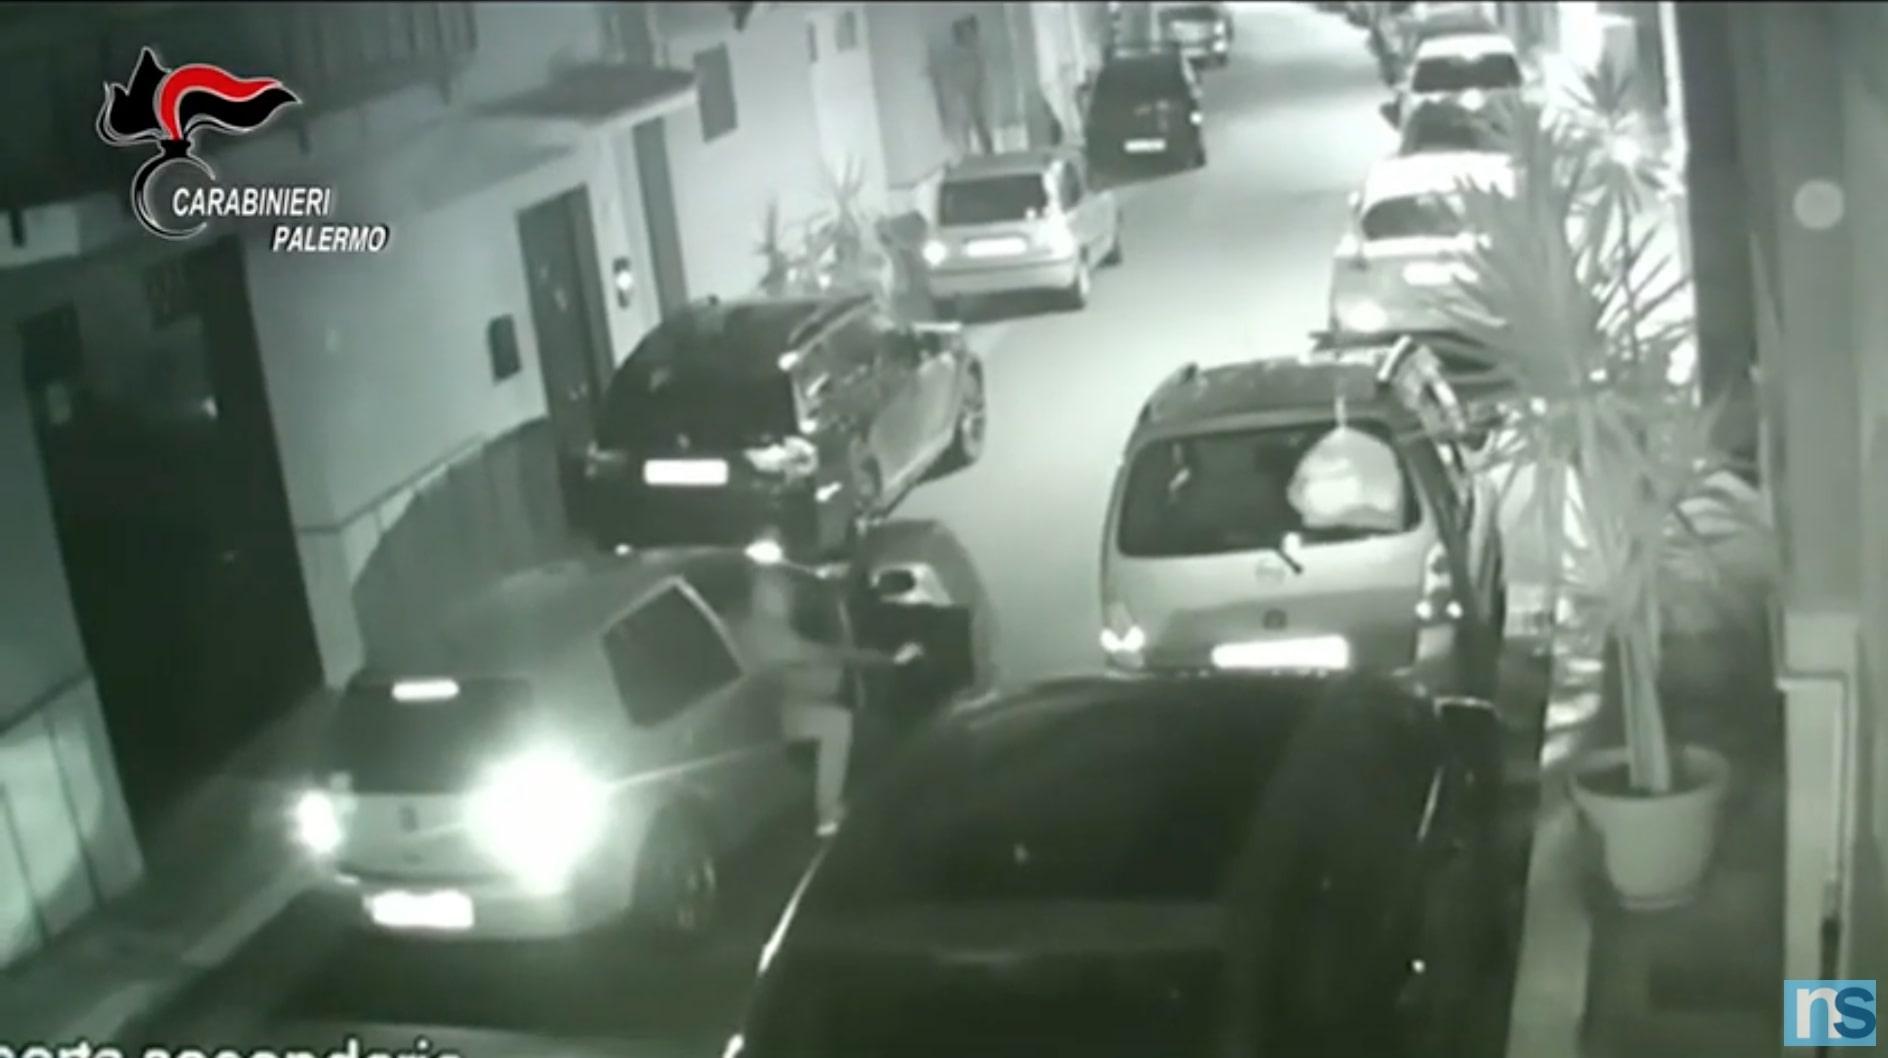 """Furti di mezzi ed estorsione con """"cavallo di ritorno"""": sgominata associazione, 10 arresti – VIDEO"""